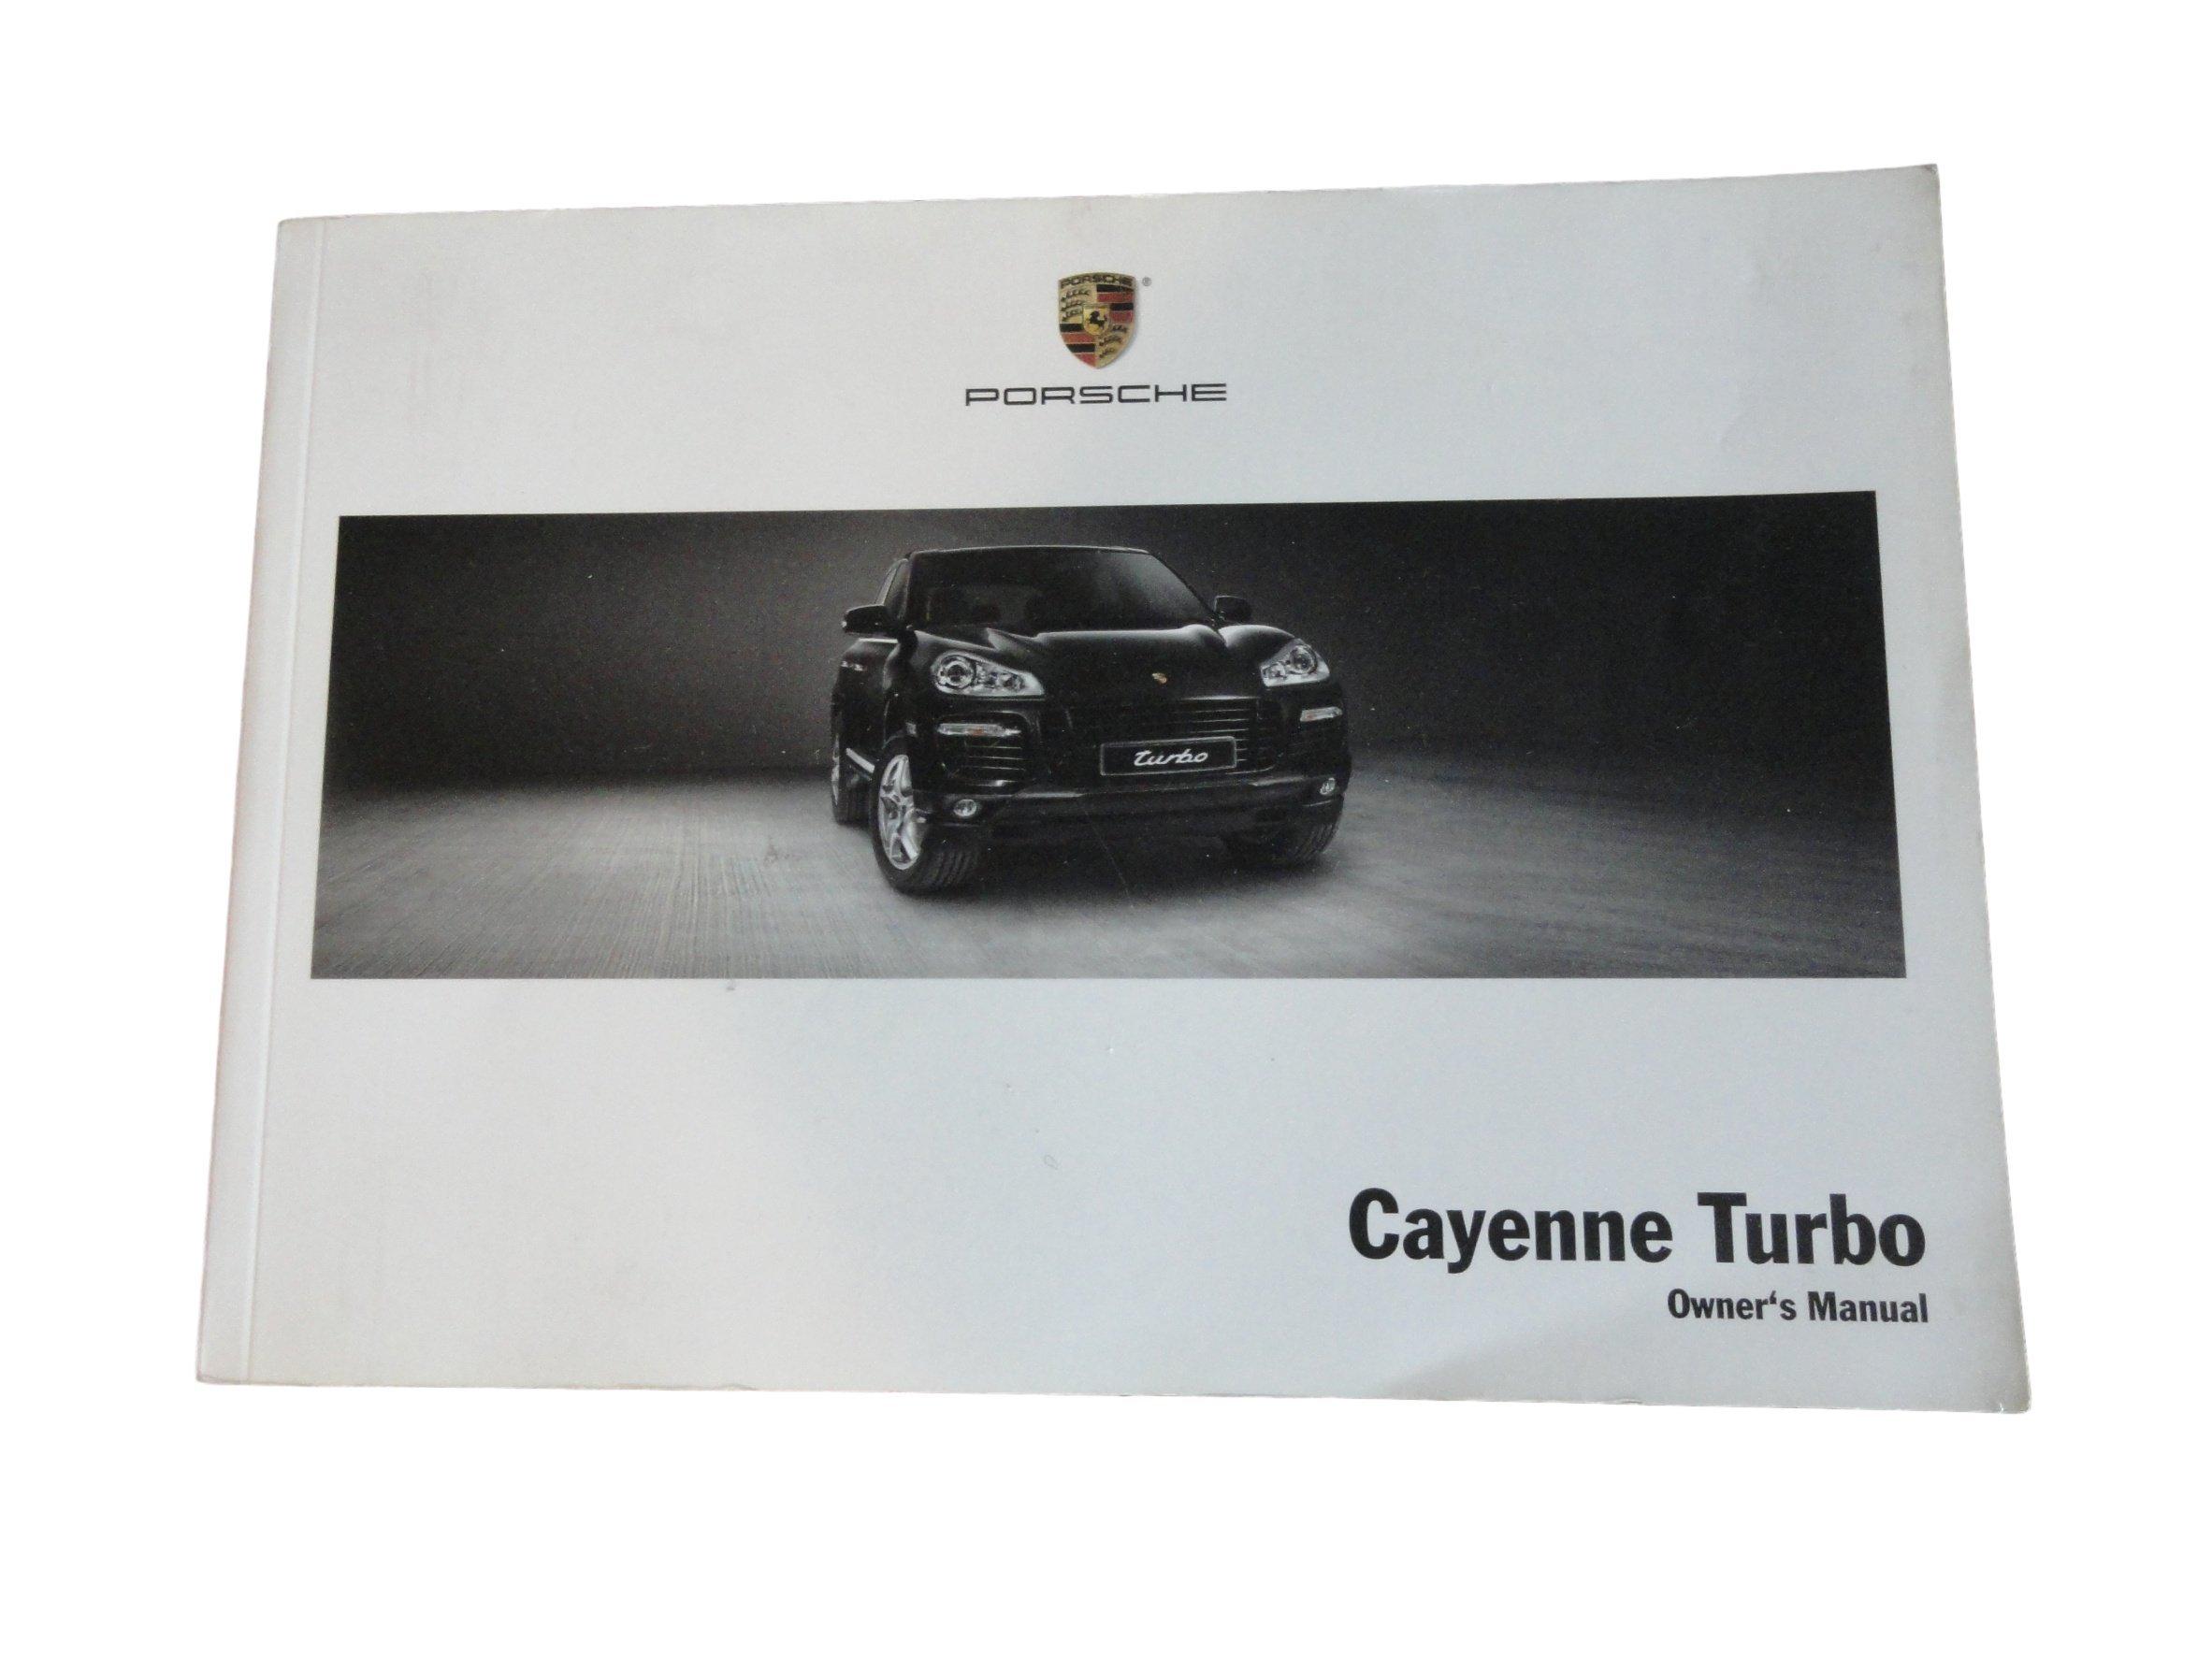 2008 porsche cayenne turbo owners manual porsche amazon com books rh amazon com 2008 Porsche Cayenne Turbo S 2004 Porsche Cayenne S Interior